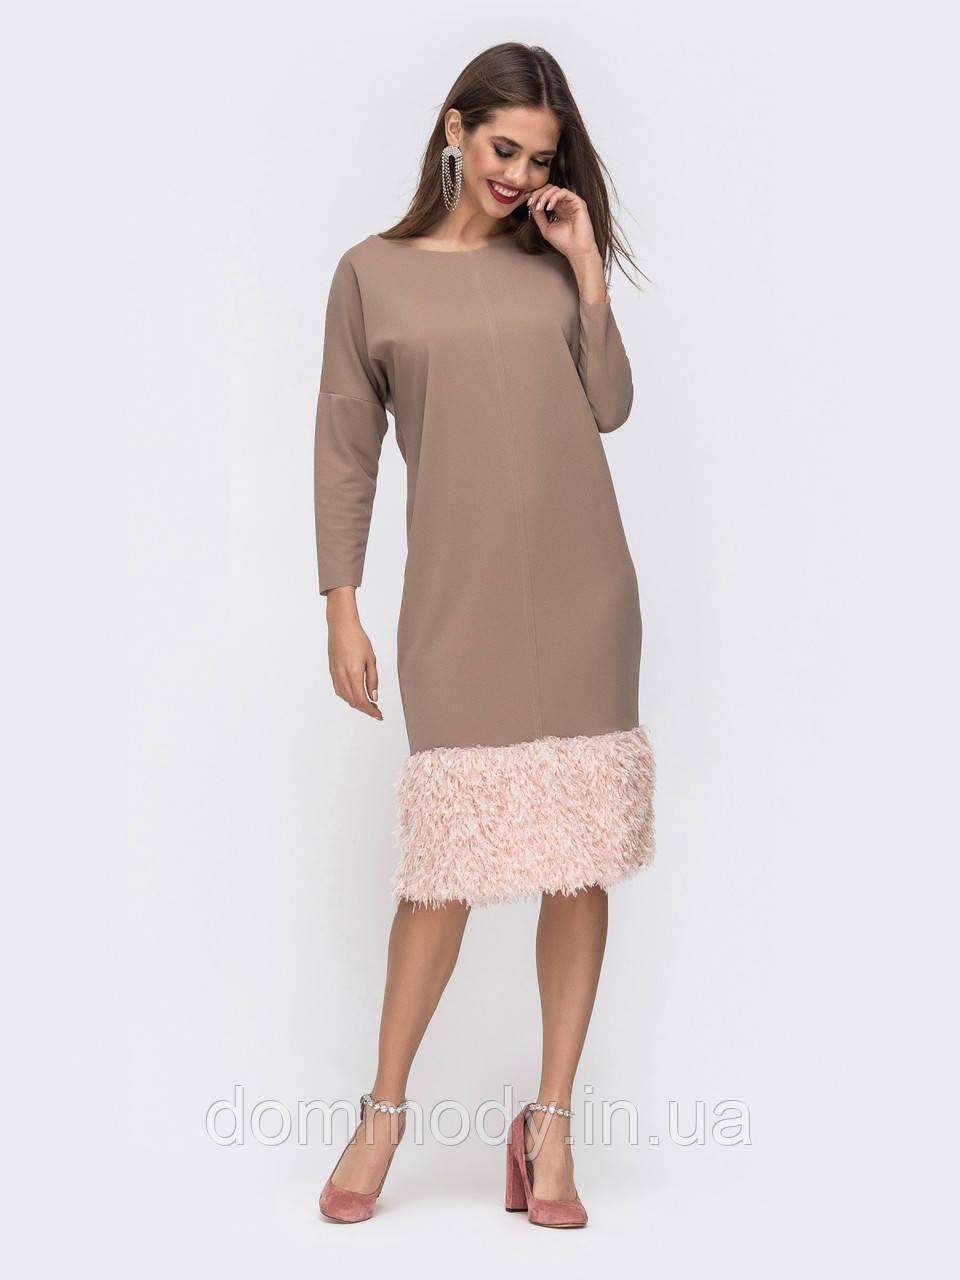 Платье женское Vivan beige